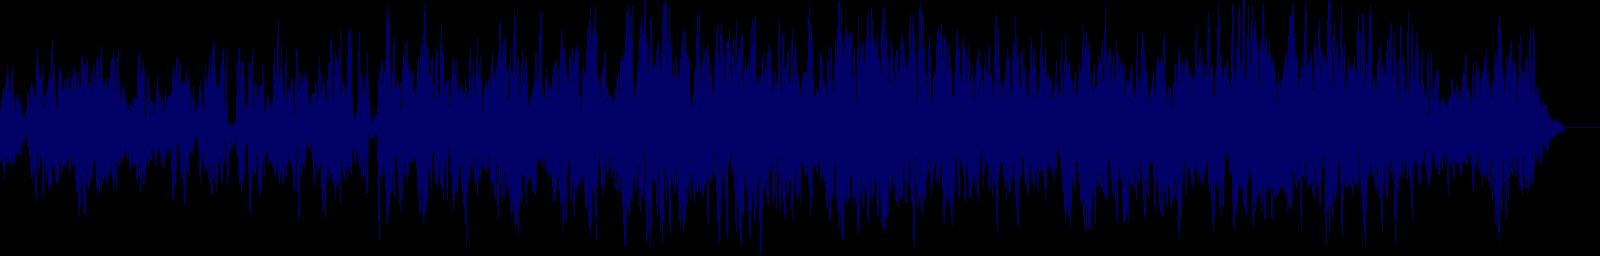 waveform of track #146117